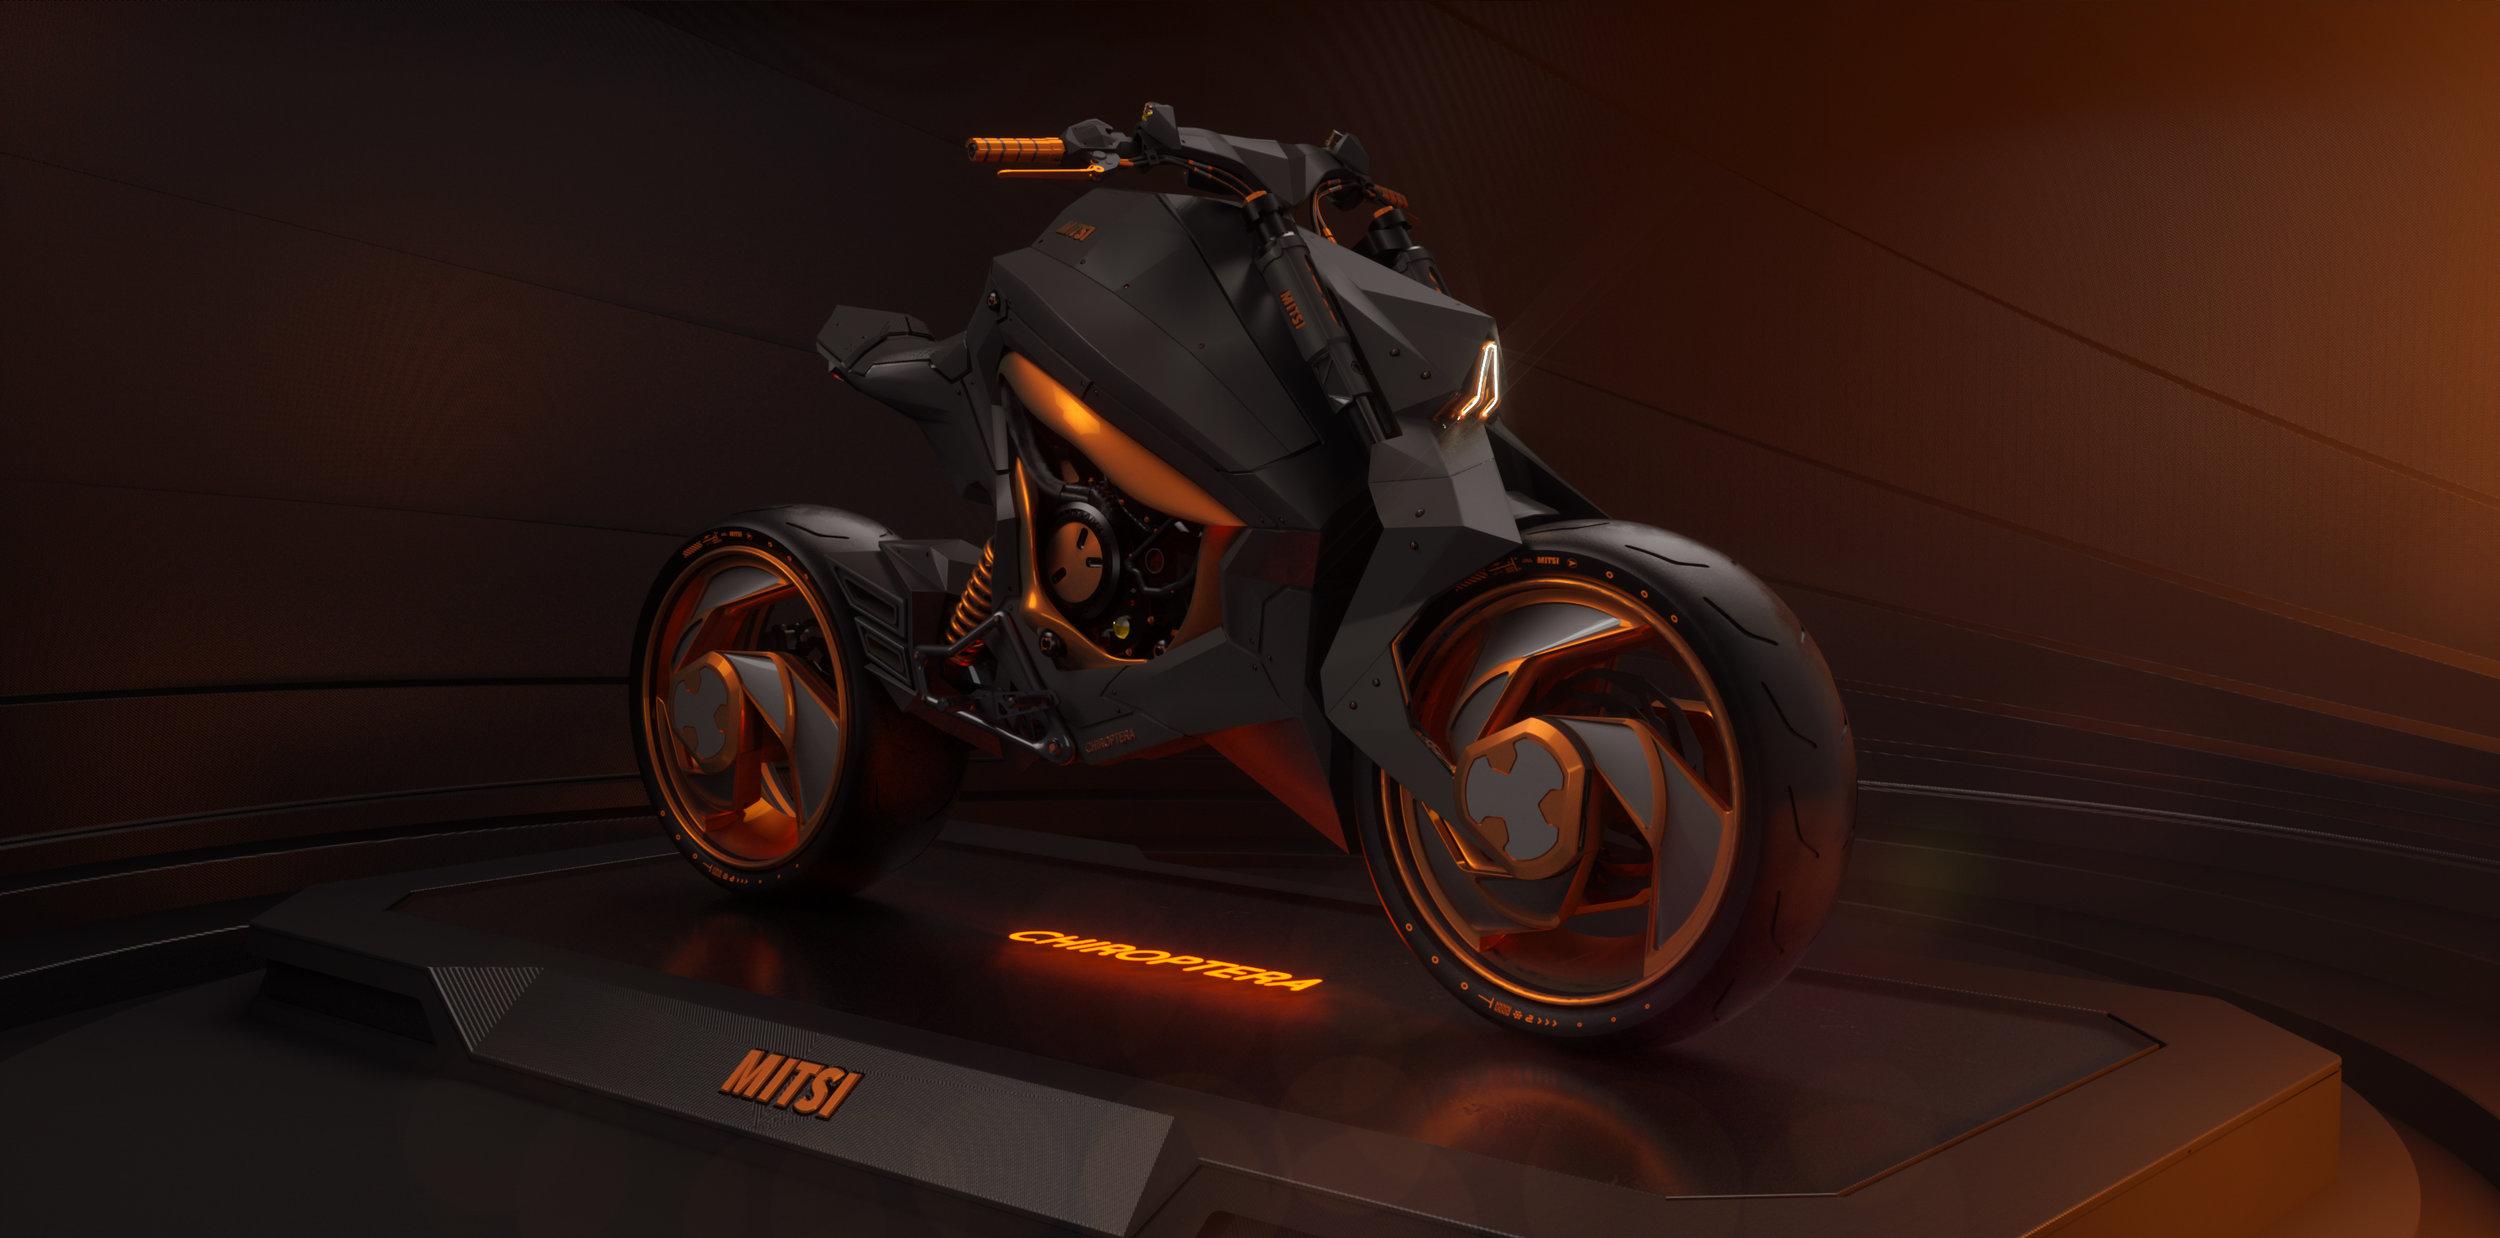 motor_mitsi_bike_studio_2.jpg